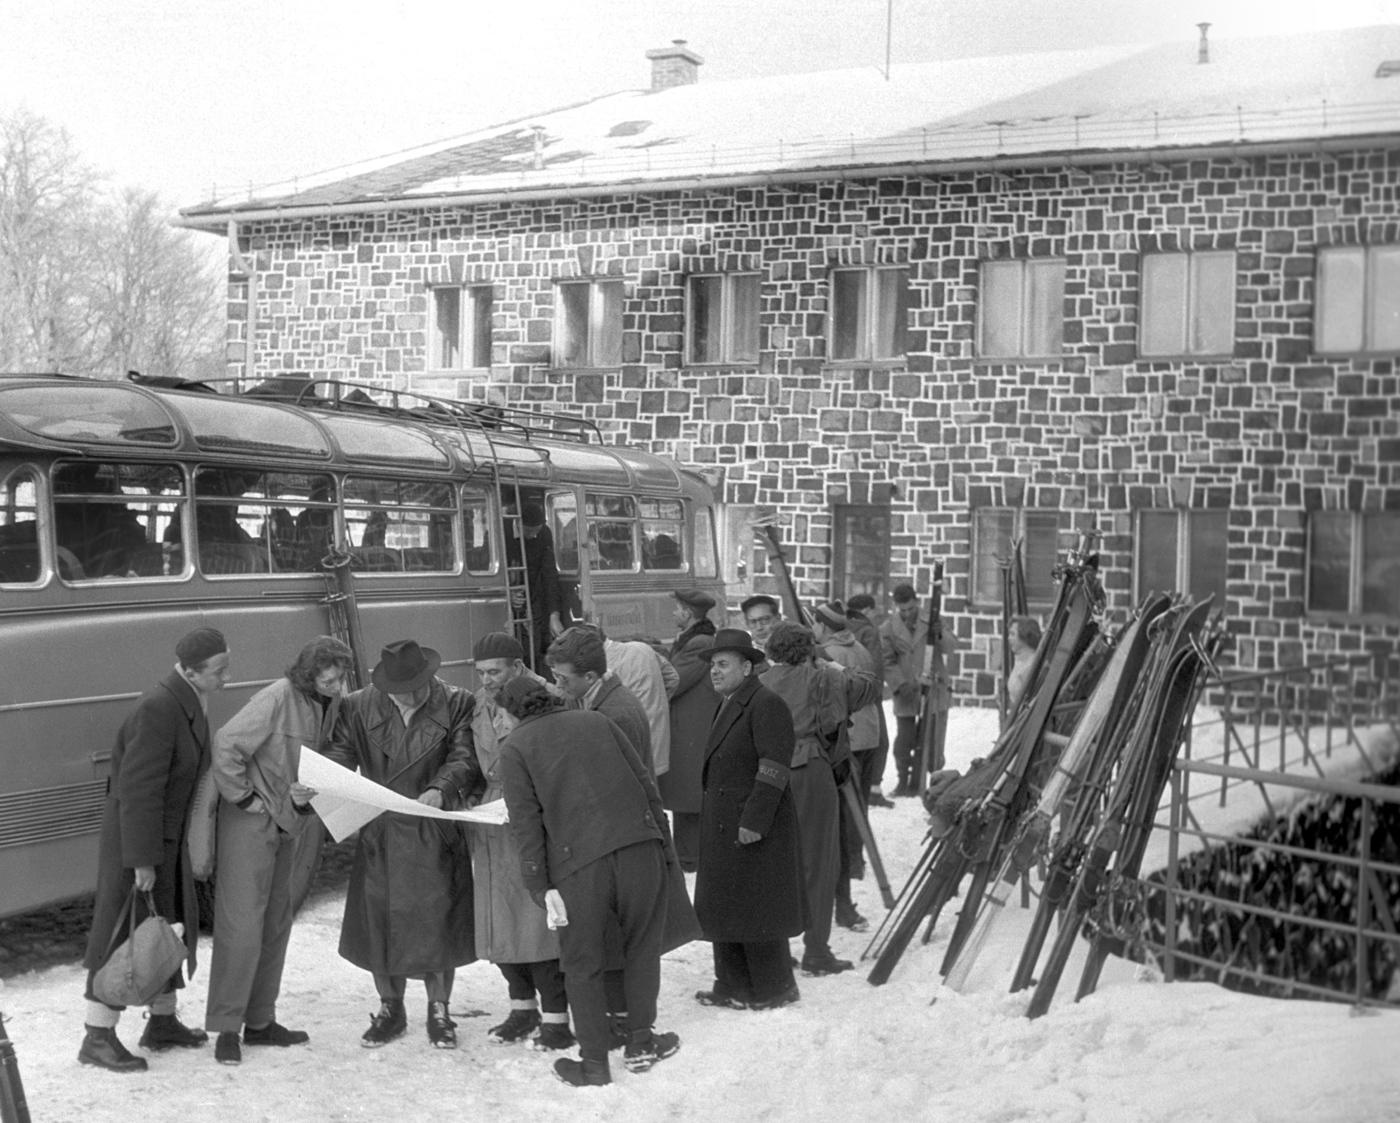 Galyatető, 1957. január 27. Kirándulók térképet néznek, miután megérkeztek Galyatetőre az IBUSZ autóbuszával síelni. Az autóbusz útvonala Budapest - Galyatető - Mátraszentimre - Budapest. MTI Fotó: Fényes Tamás